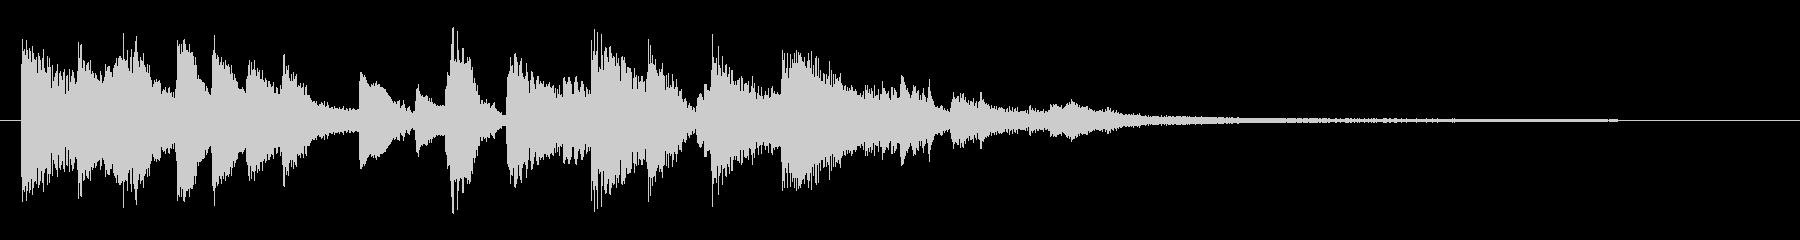 ジャズティスト、エレガントピアノジングルの未再生の波形